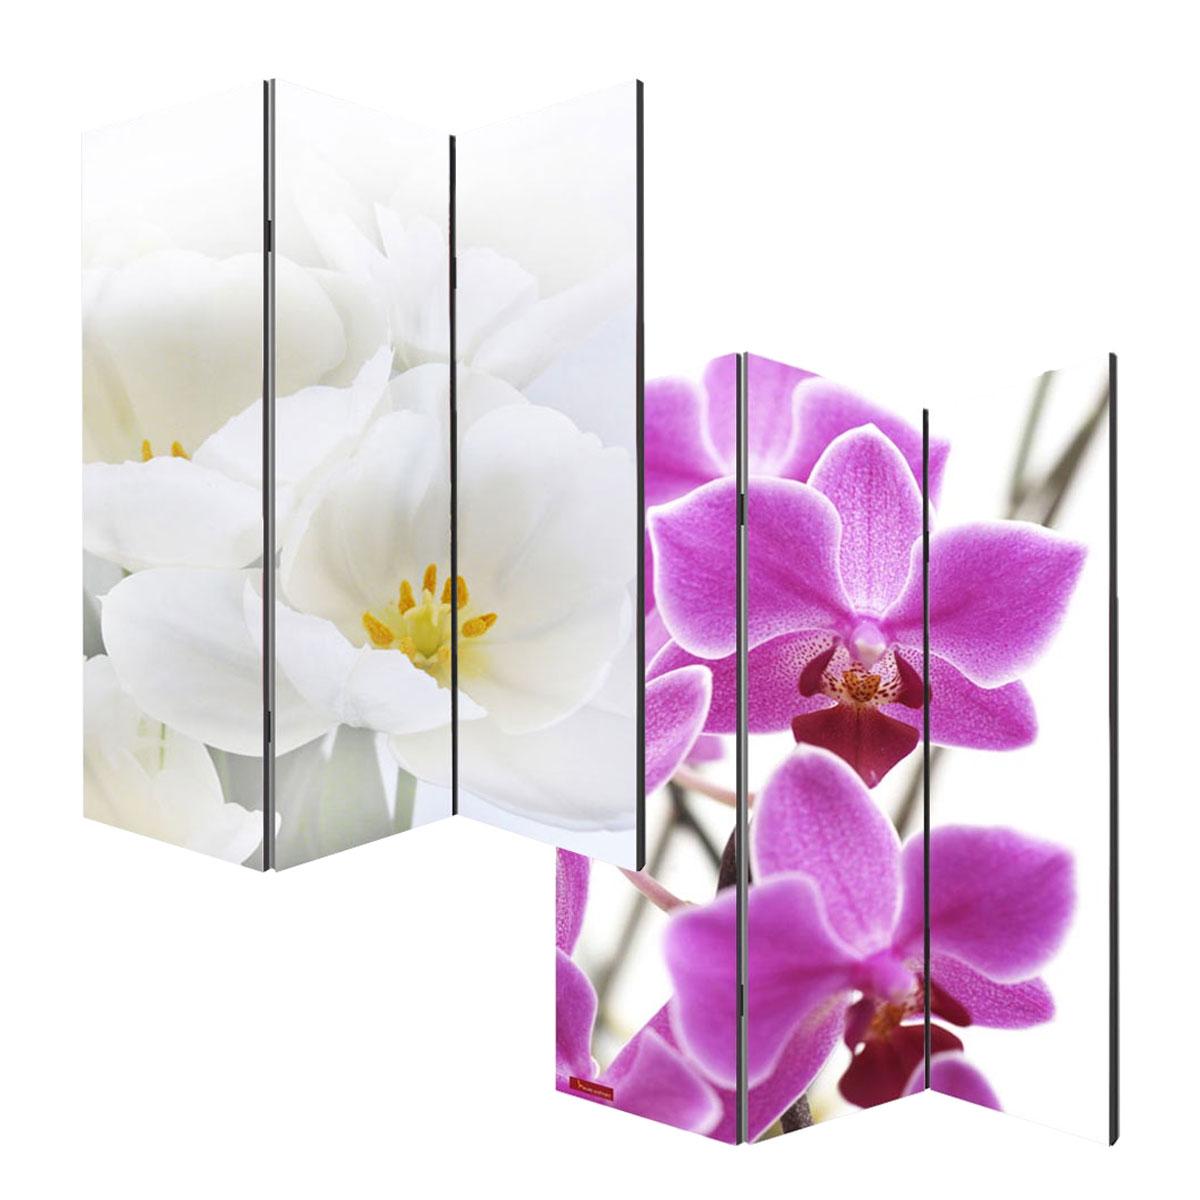 Foto paravent paravent raumteiler m68 3 panels 180x120cm for Raumteiler stoff